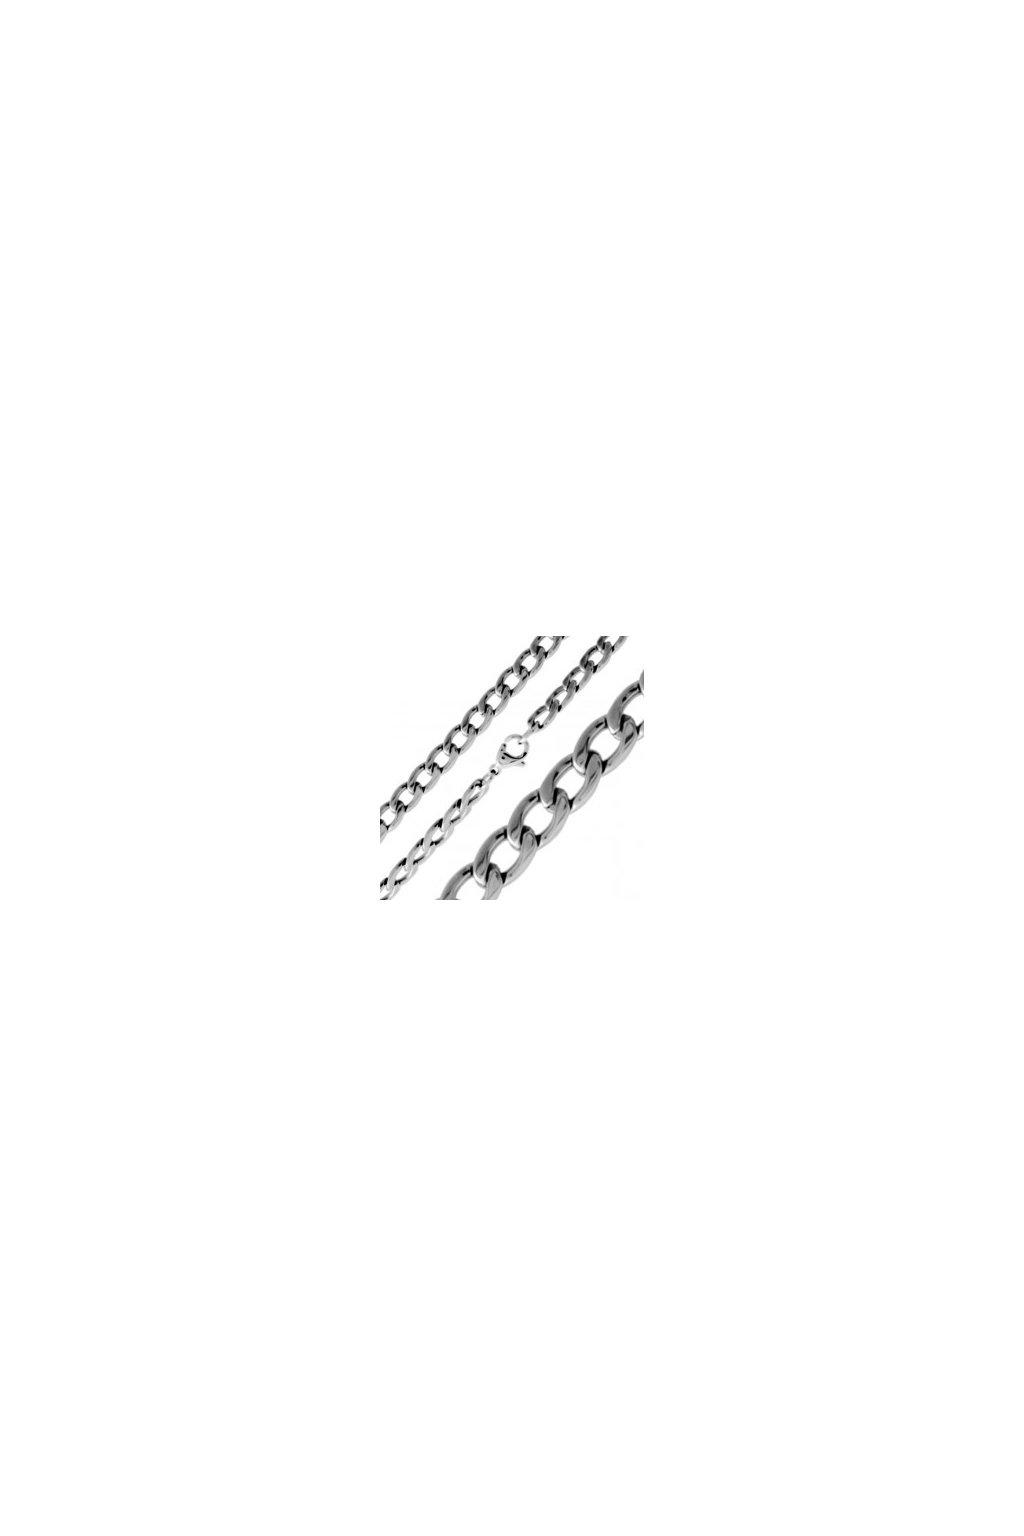 Skalimar Řetízek z chirurgické oceli MASIVNÍ ŘETĚZ PANCER 315440/2